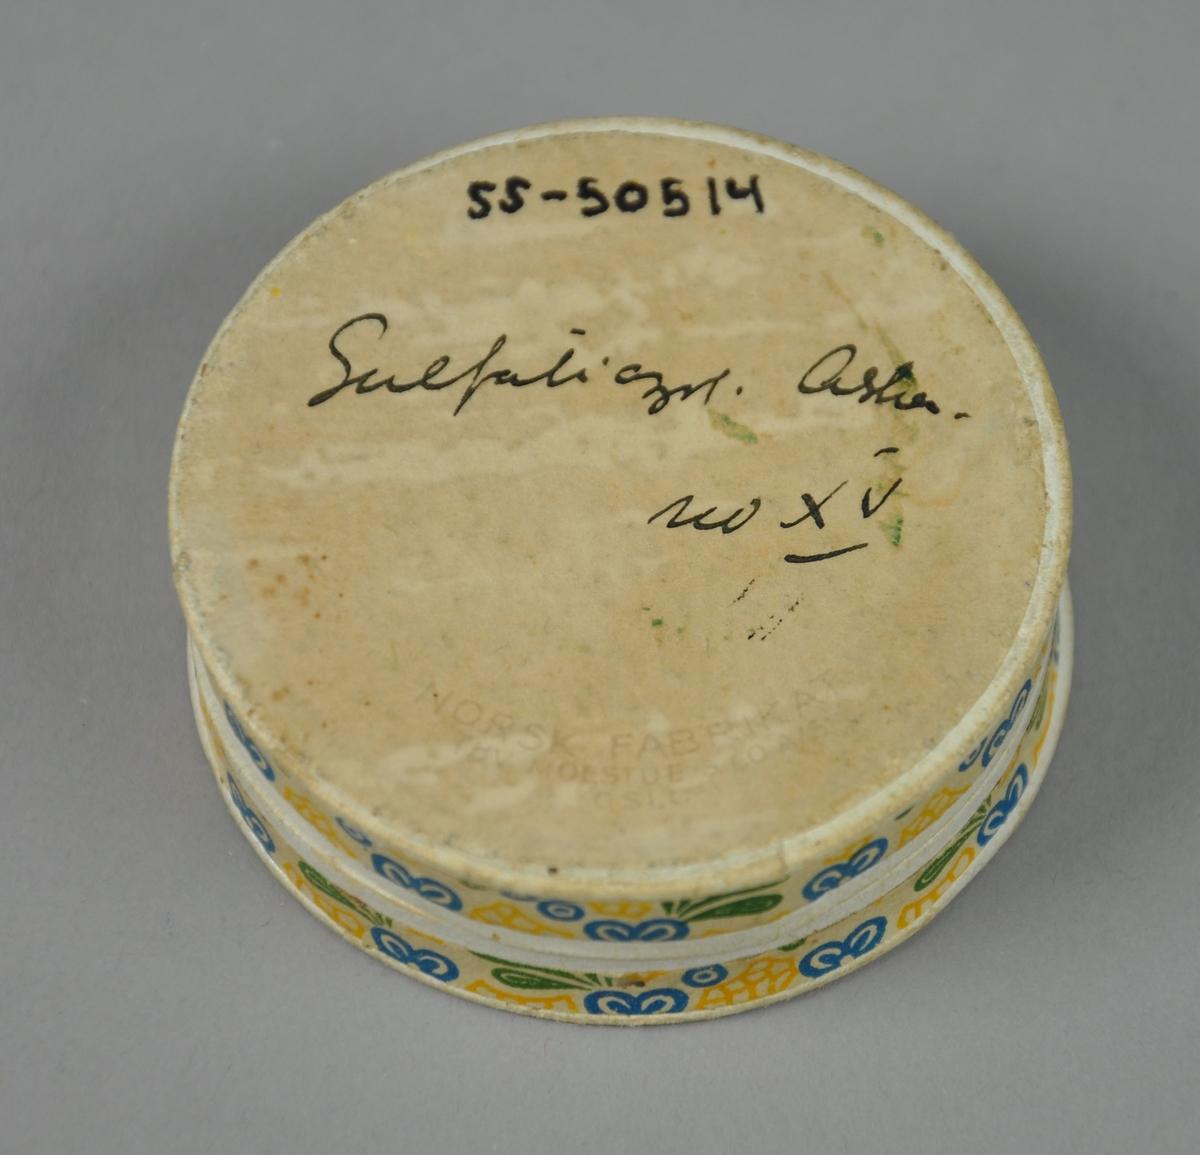 Rund pilleeske av papp i hvit farge med blå skrift, dekormønster på siden. Logoen til Brumunddal Apotek på lokket. I esken ligger en liten spiker og seks pennehoder til fyllepenn.